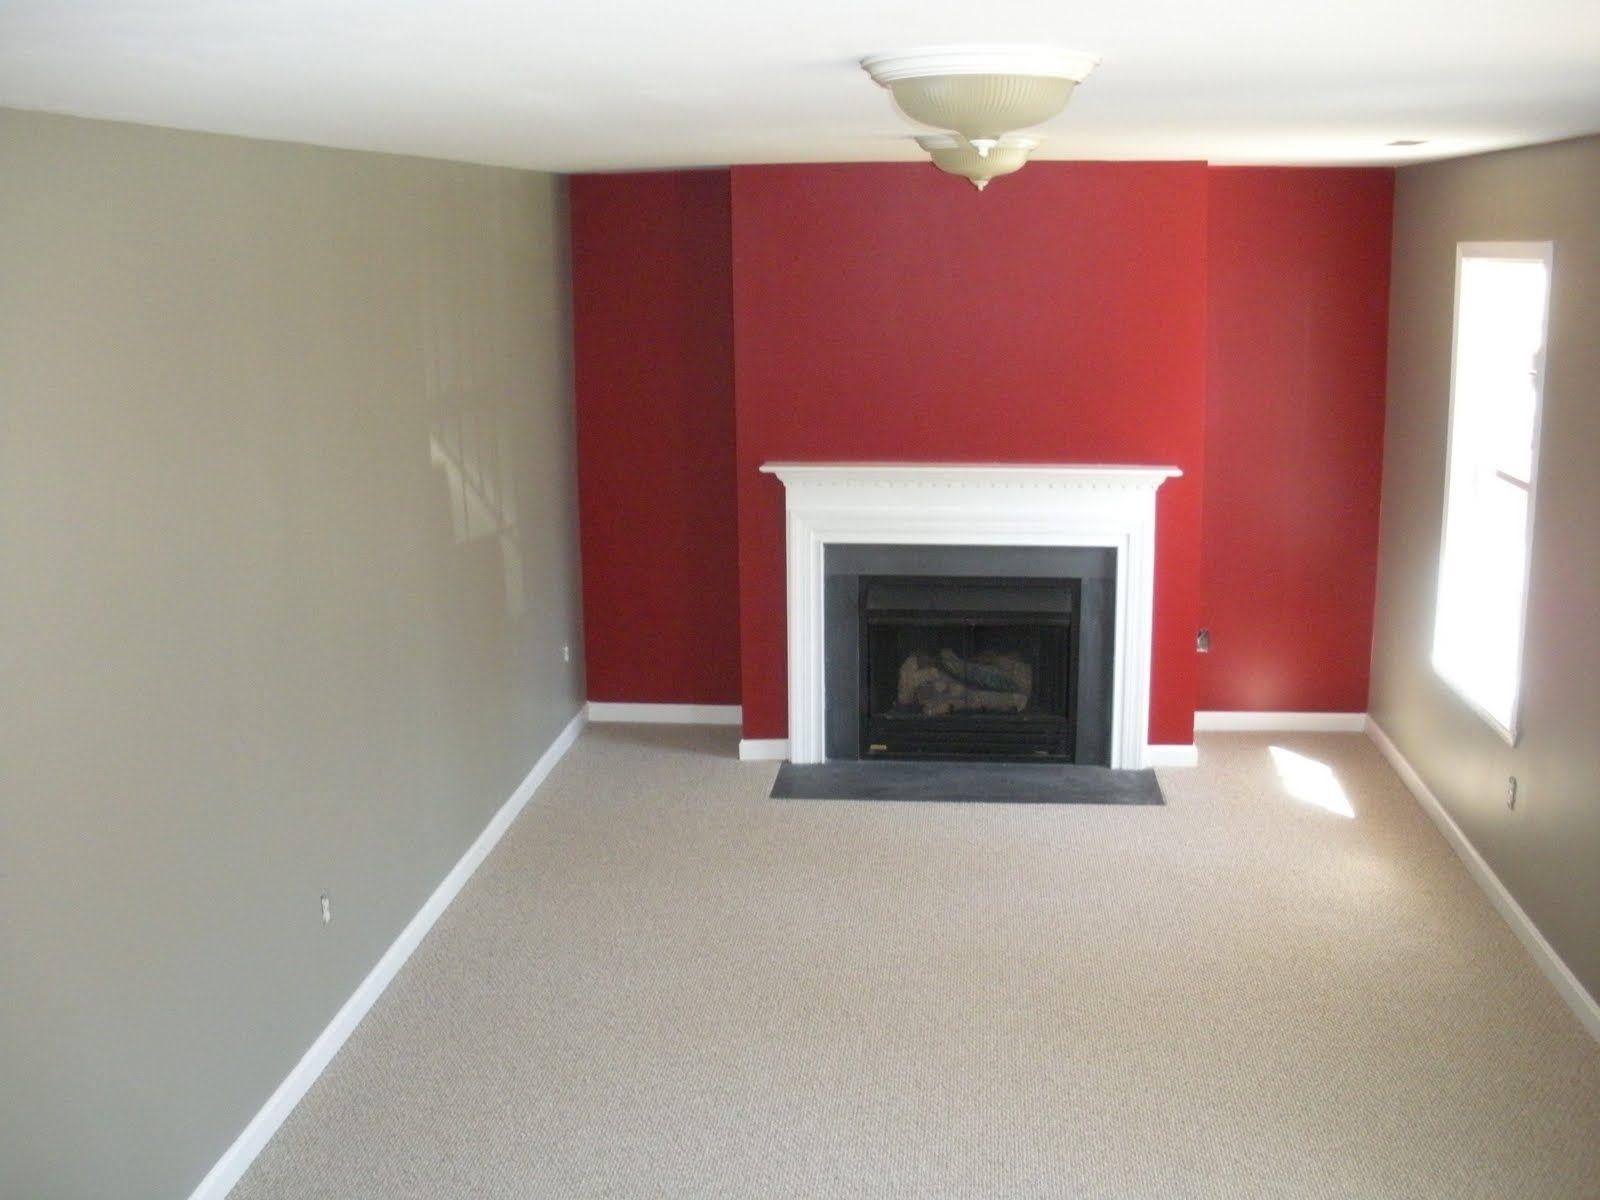 Gray And White Bedroom With Red Accents Interiores De Casas Minimalistas Colores De Casas Interiores Paredes Del Salon